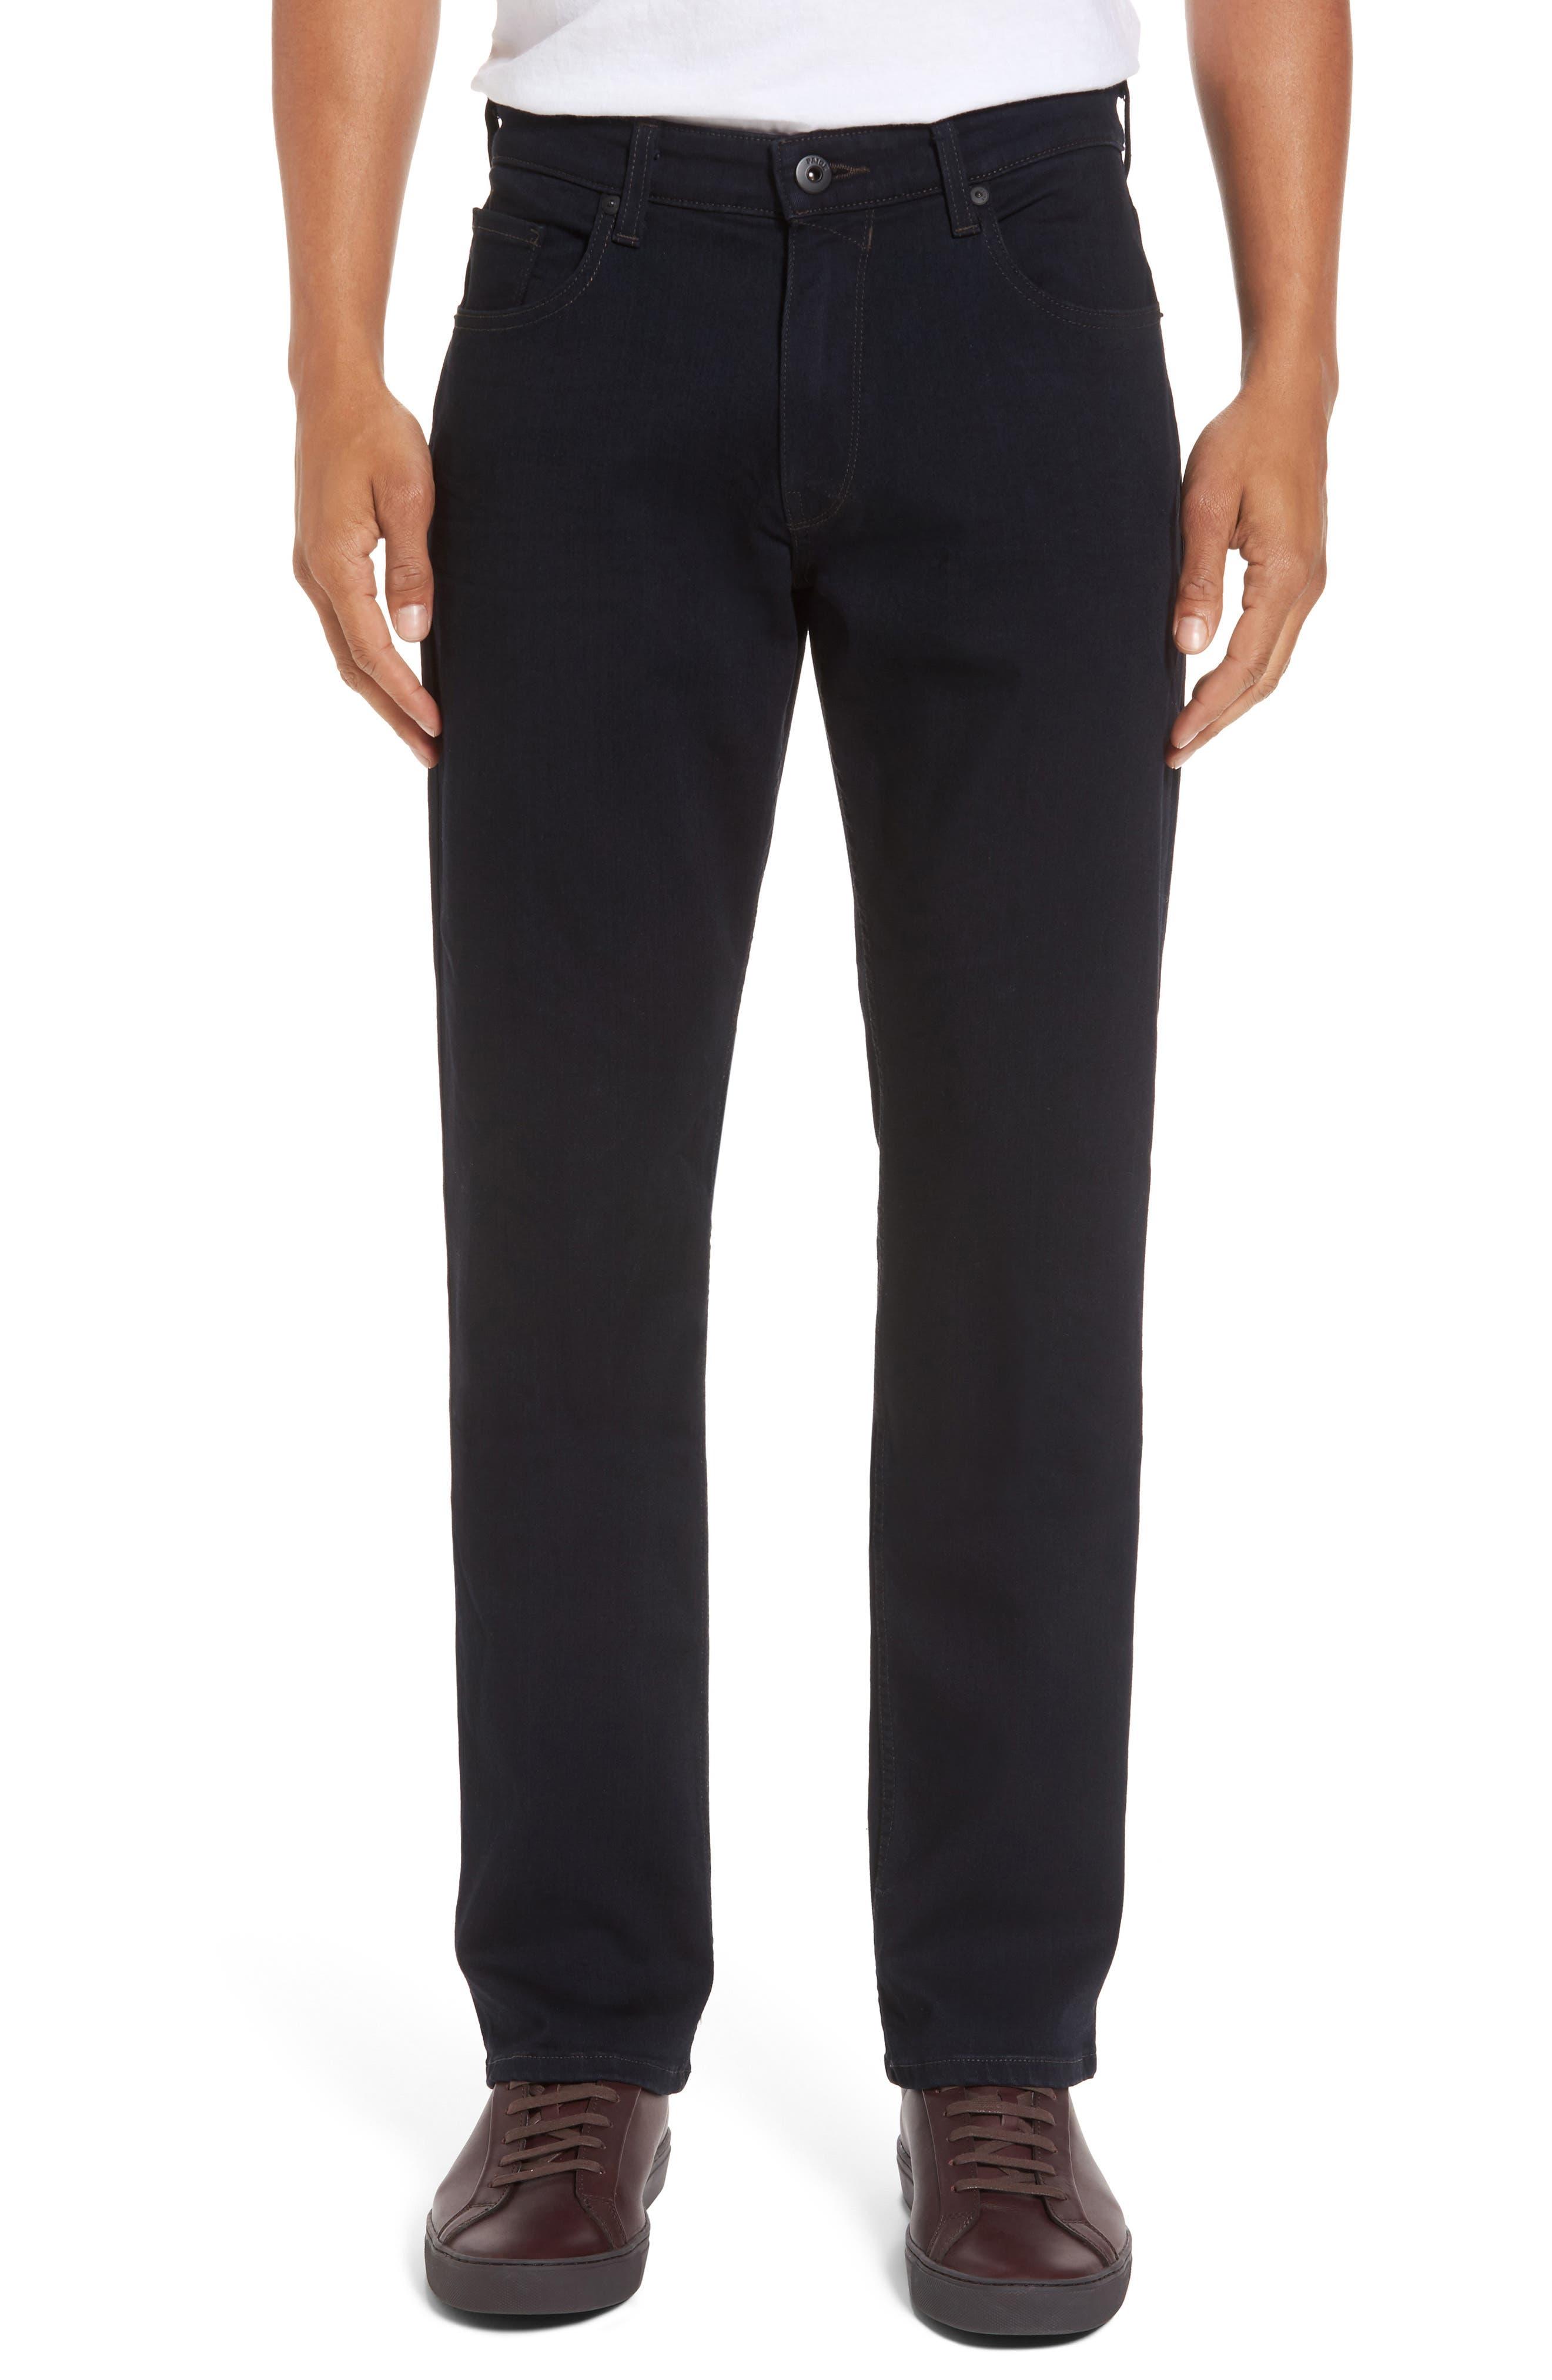 Alternate Image 1 Selected - PAIGE Transcend - Lennox Slim Fit Jeans (Jack)